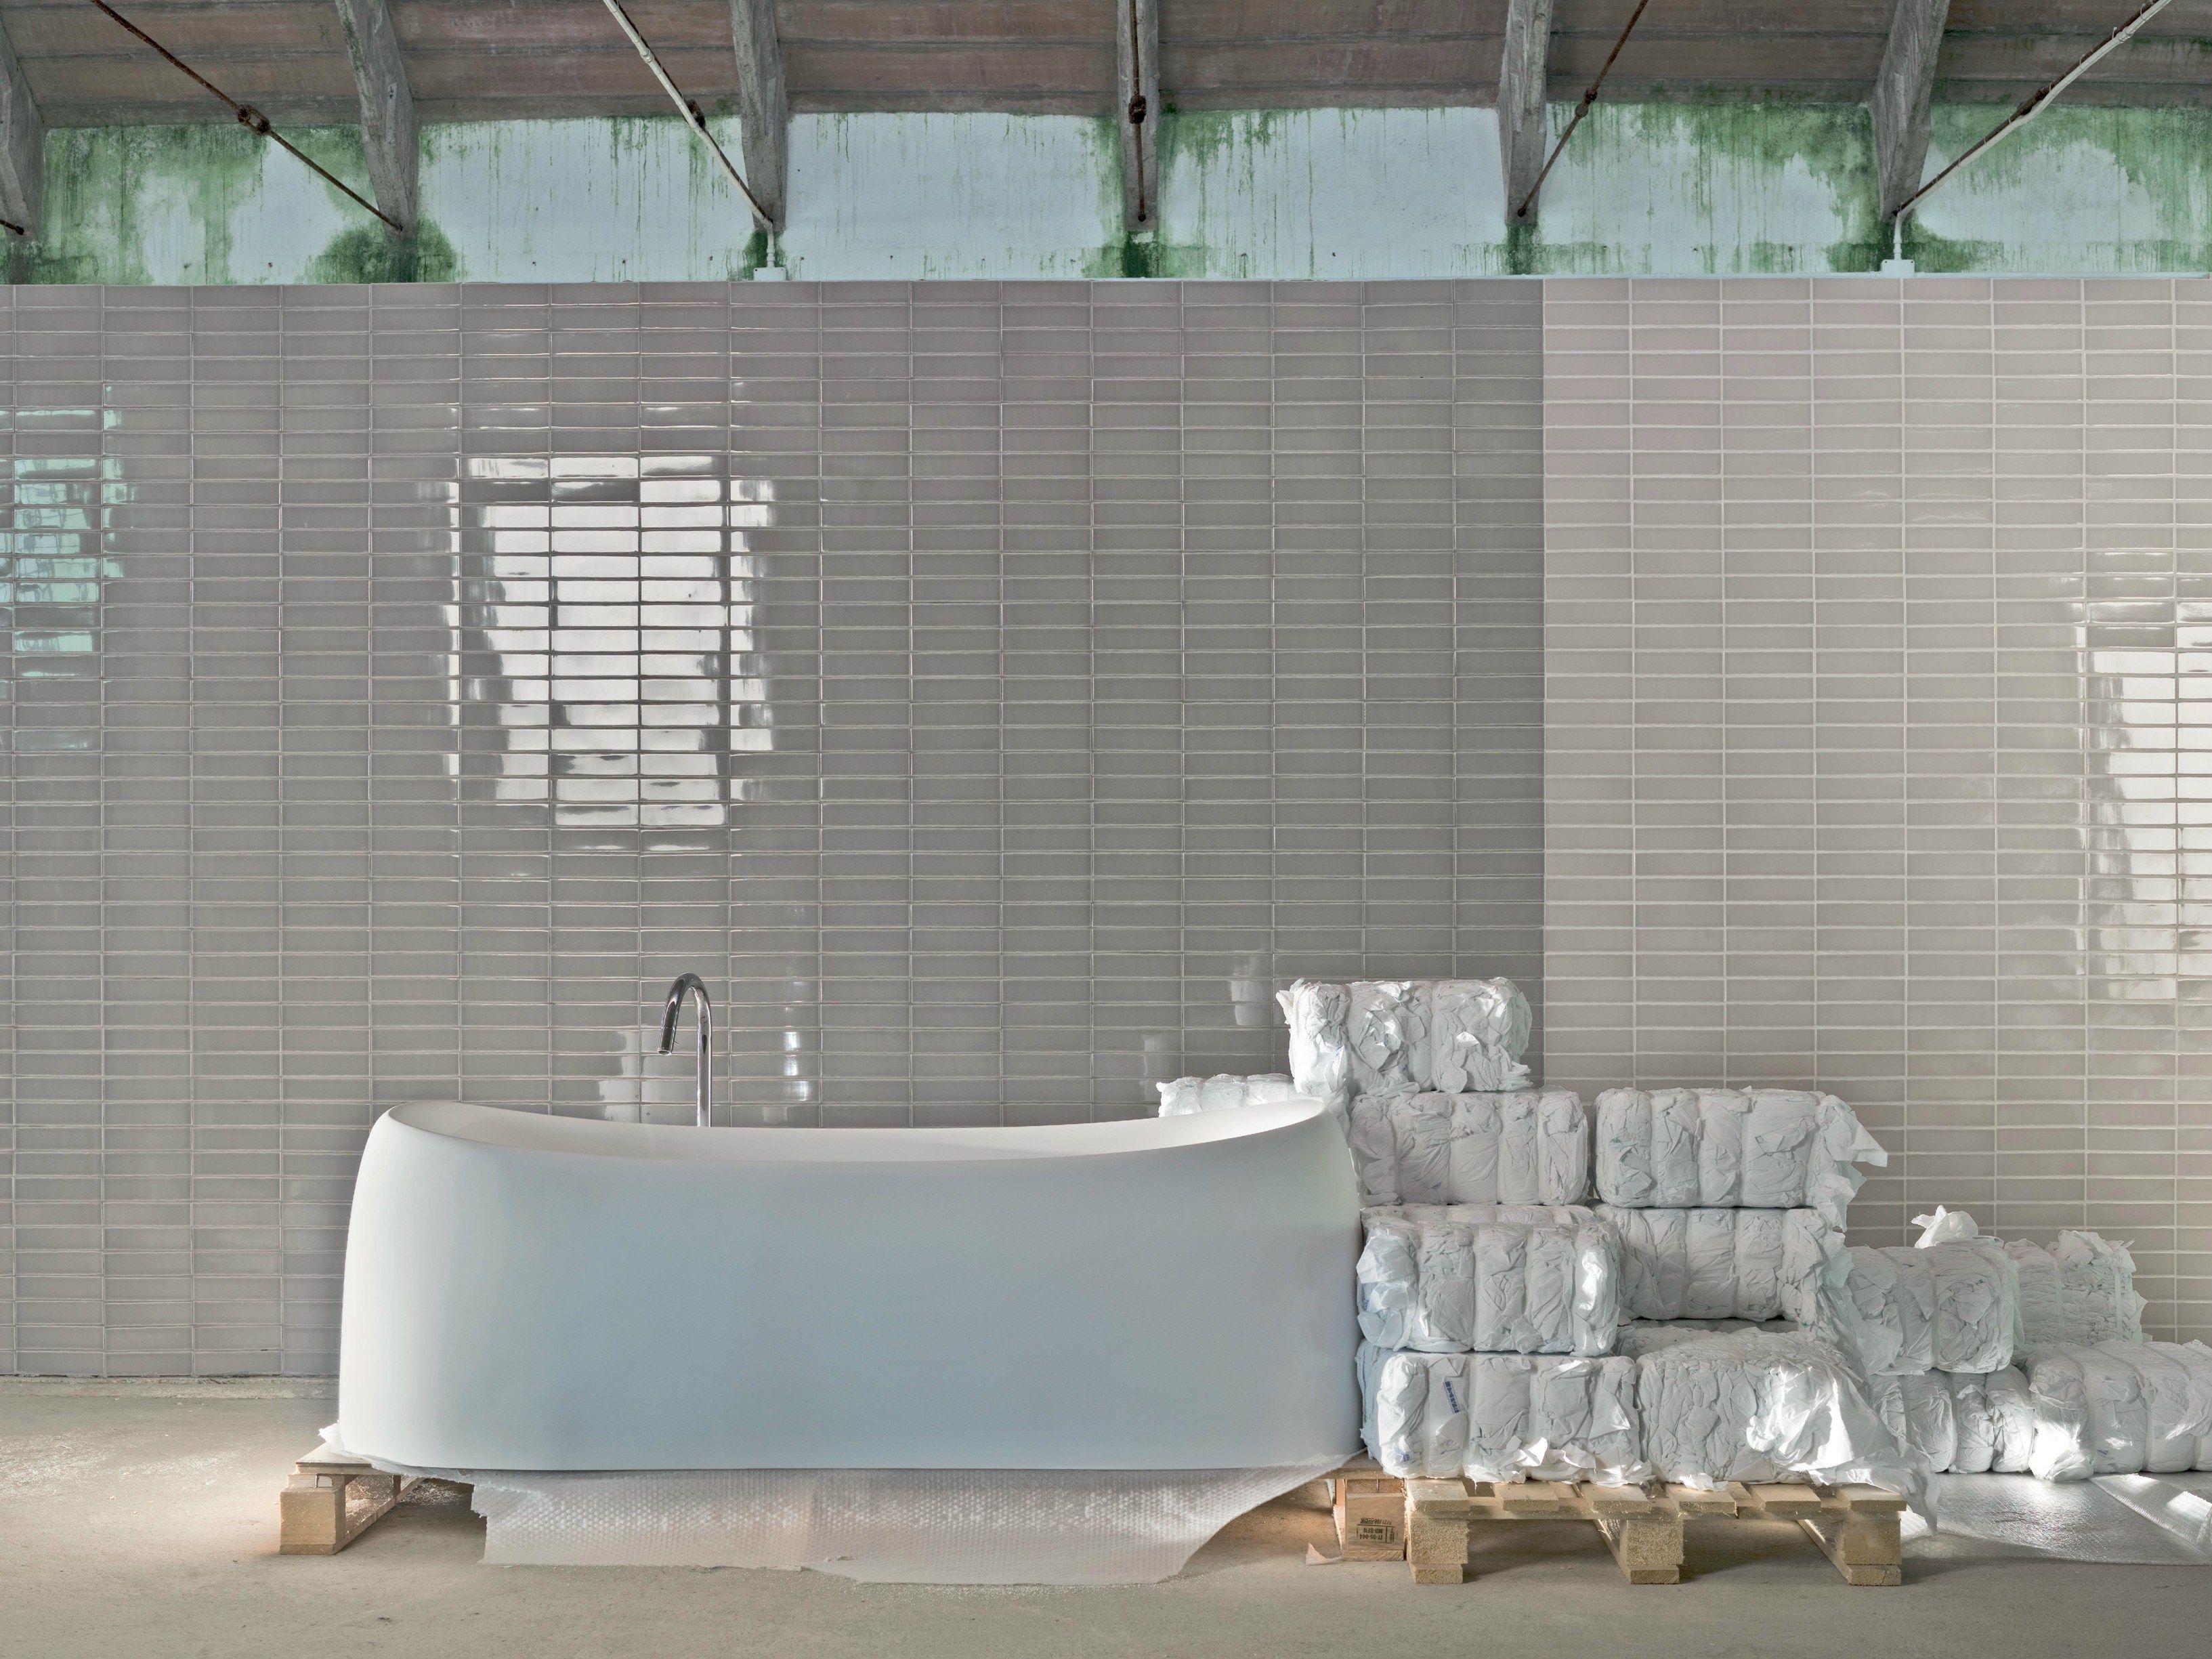 Revestimiento de pared de materiales cer micos para - Materiales para paredes ...